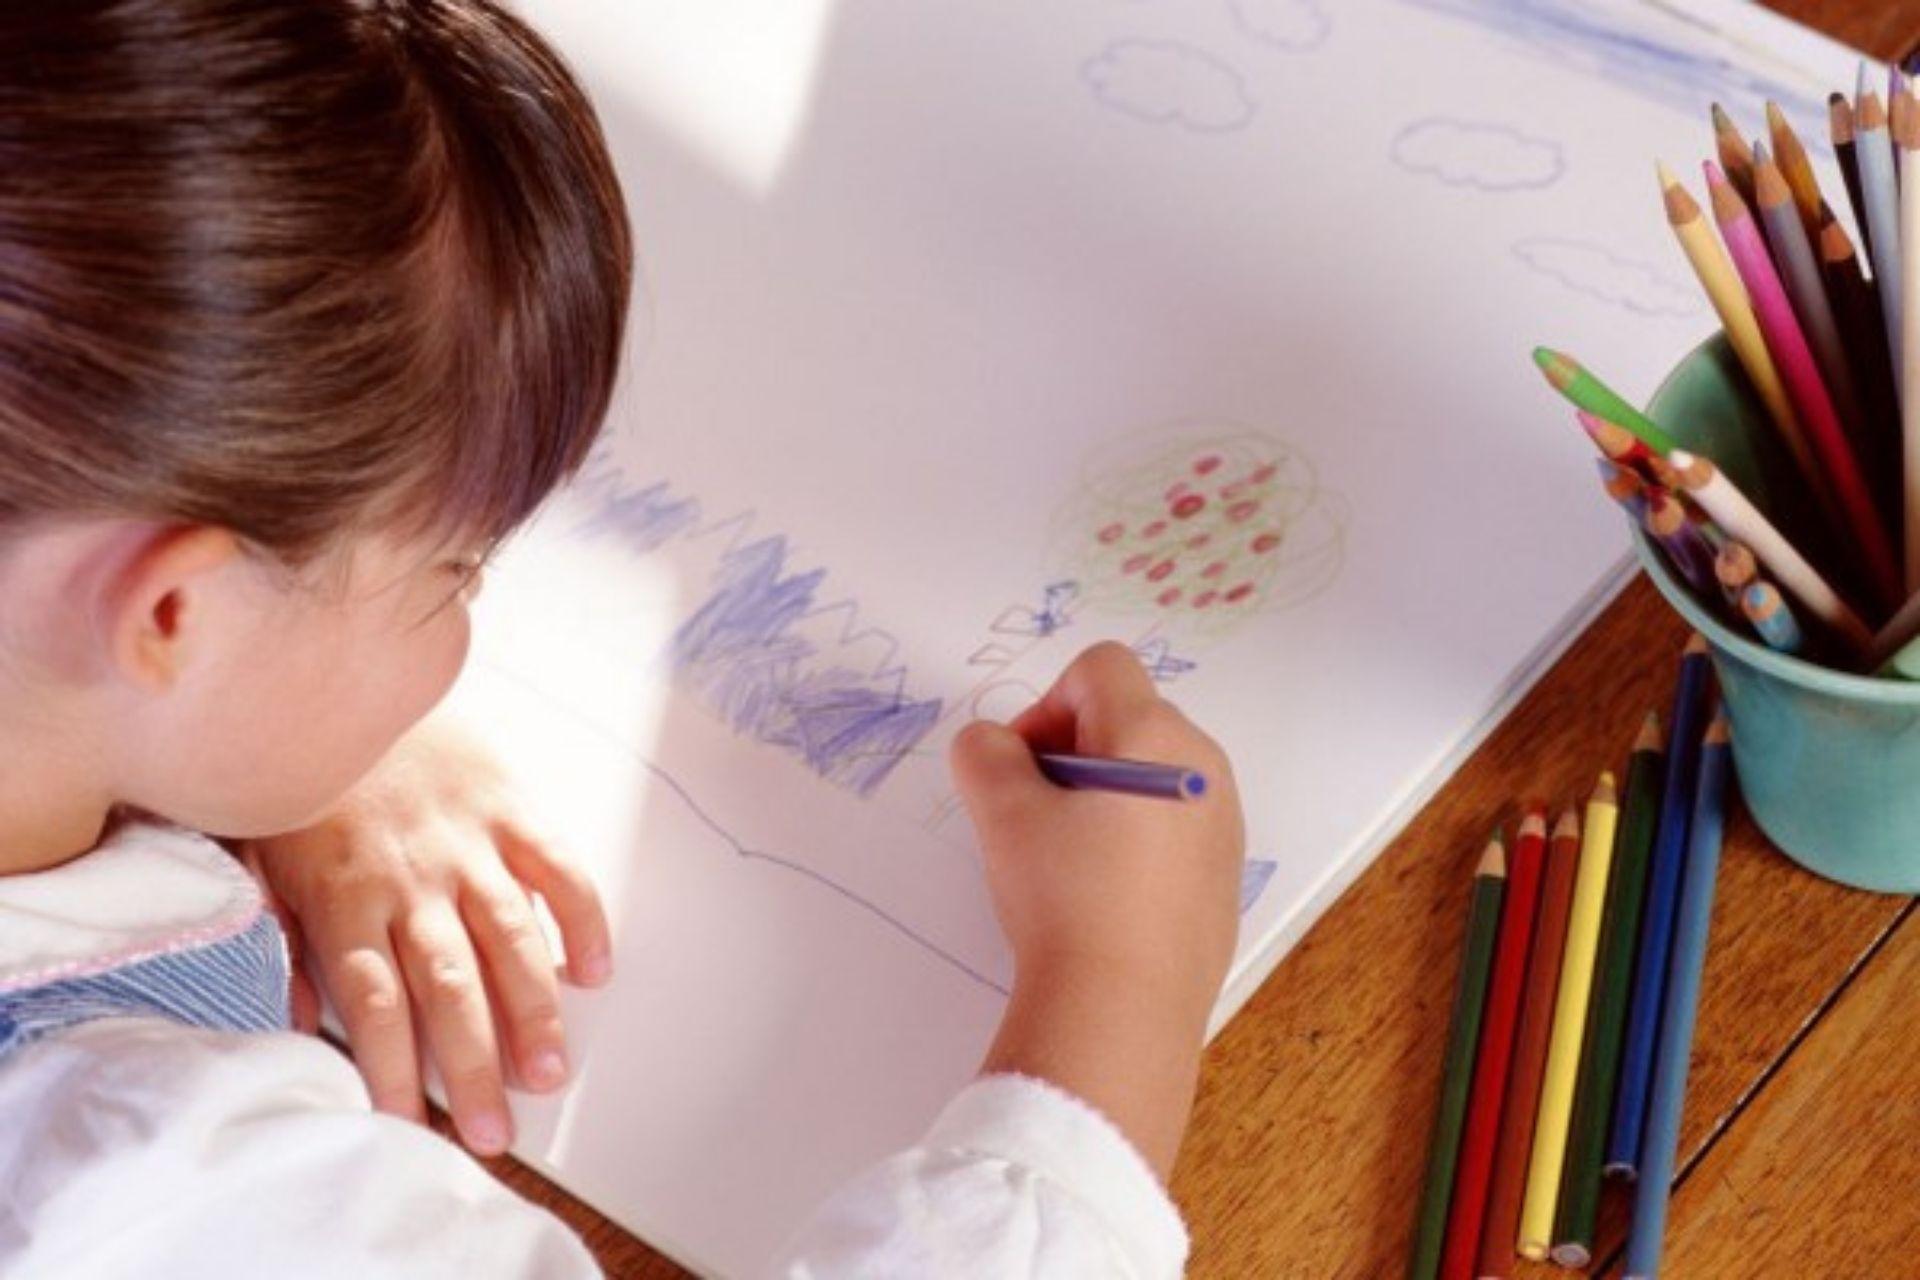 Visita gioco Villa Necchi Campiglio per bambini